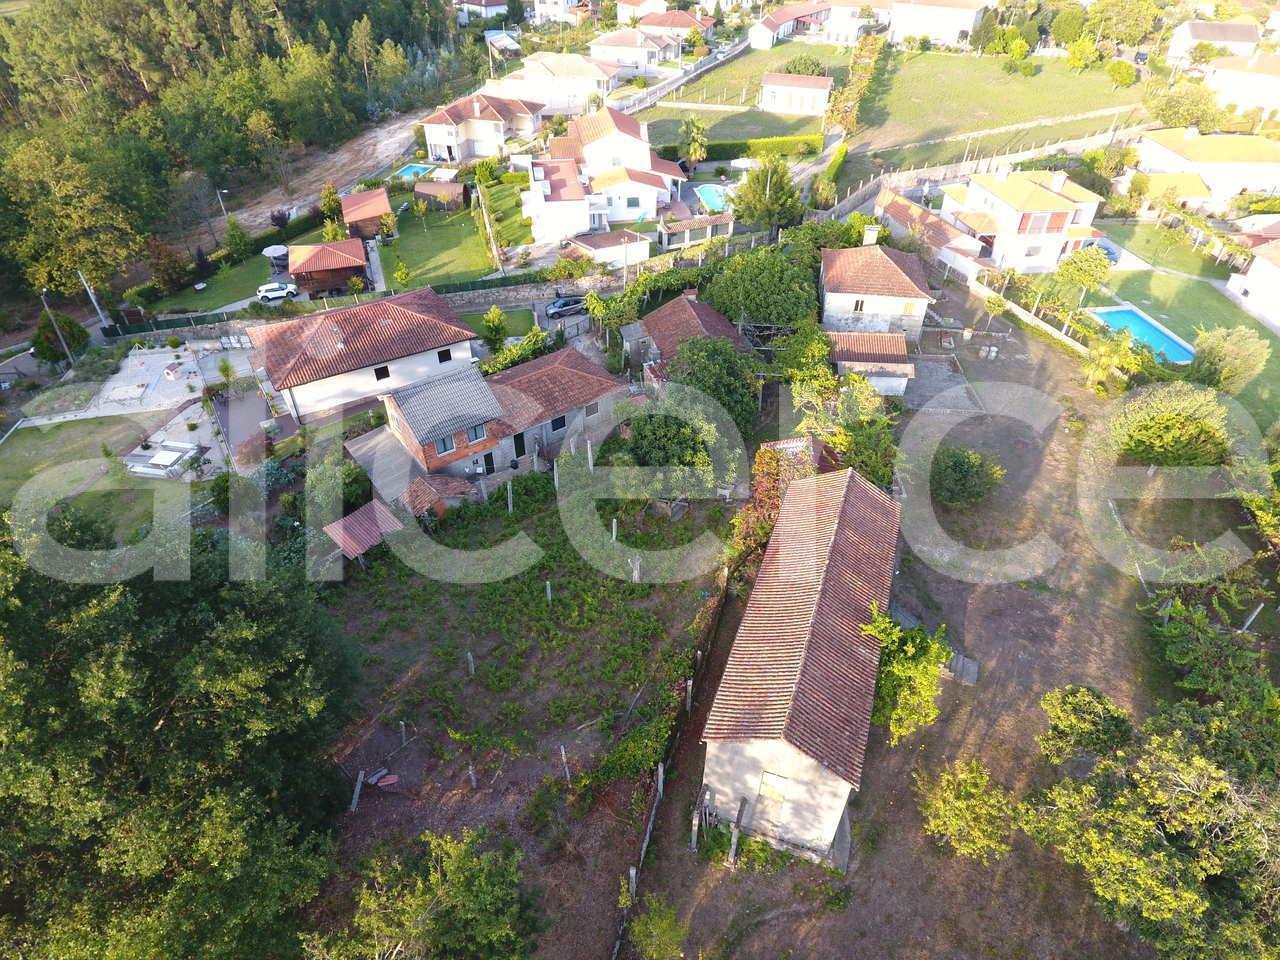 Empresas Em Arcos De Valdevez casa com terreno no couto, arcos de valdevez | alicerce